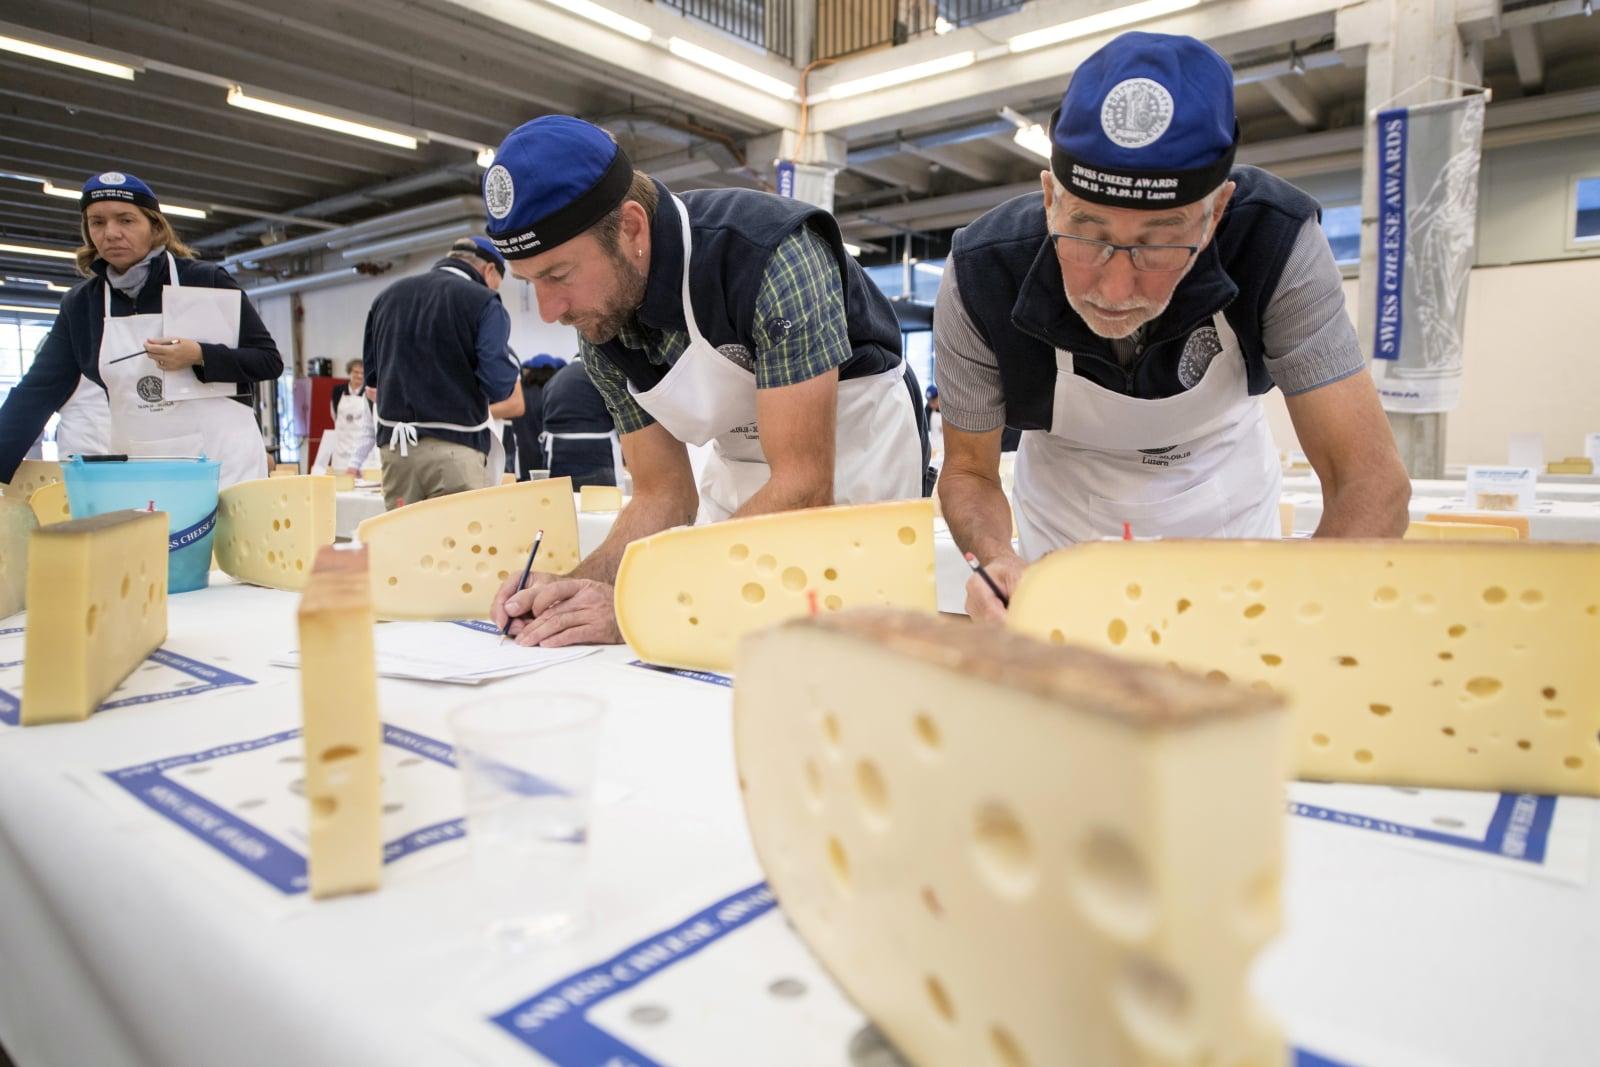 Wystawa serów w Szwajcarii, Fot. EPA/URS FLUEELER